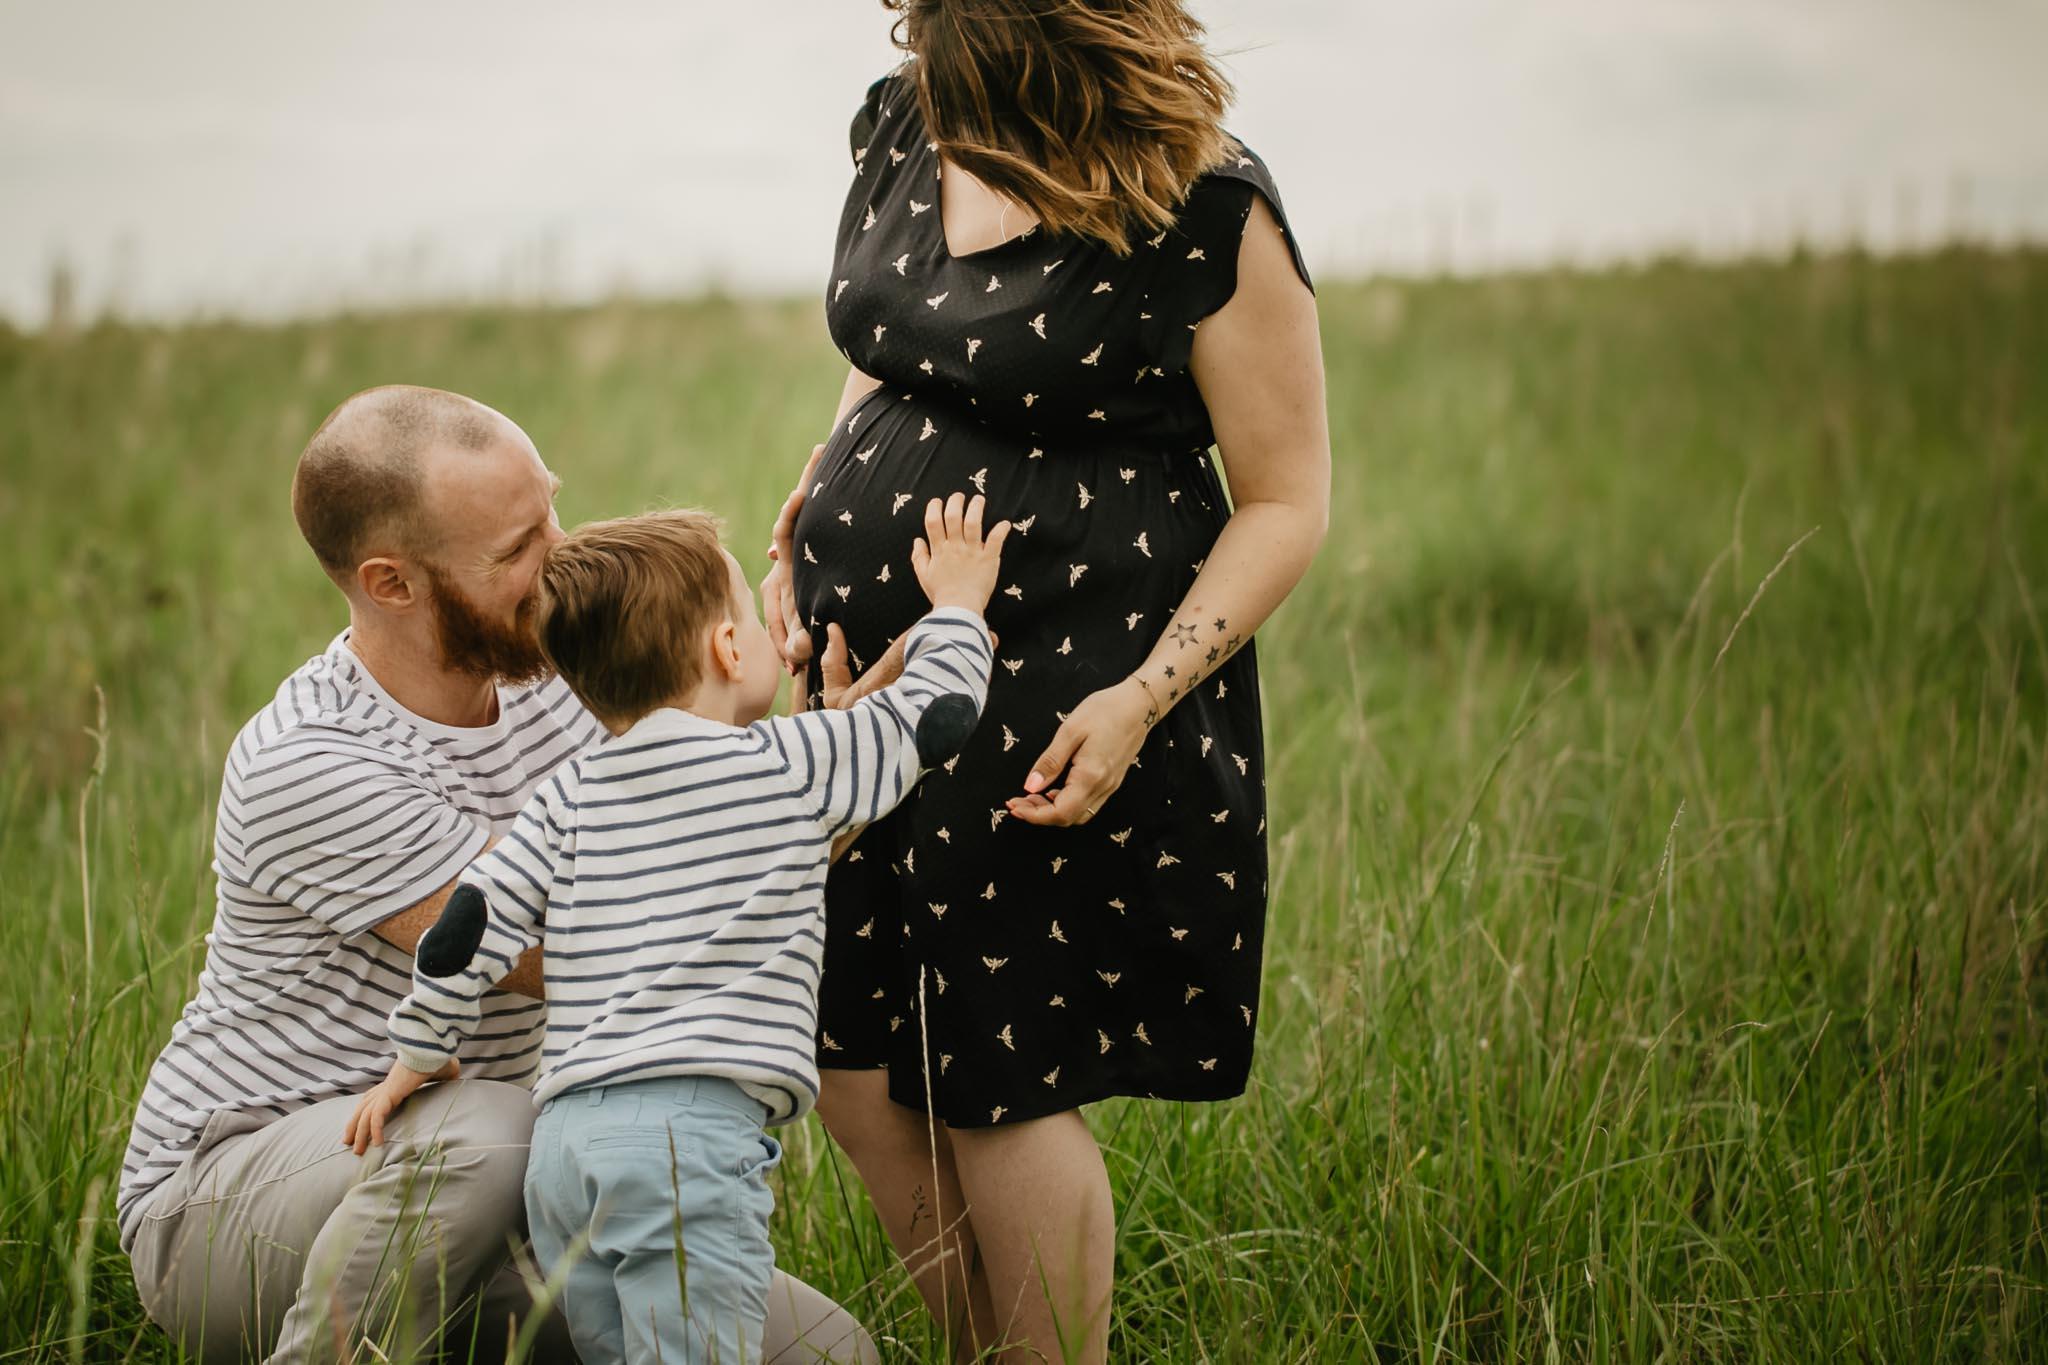 grossesse-famille-vignes-19.jpg